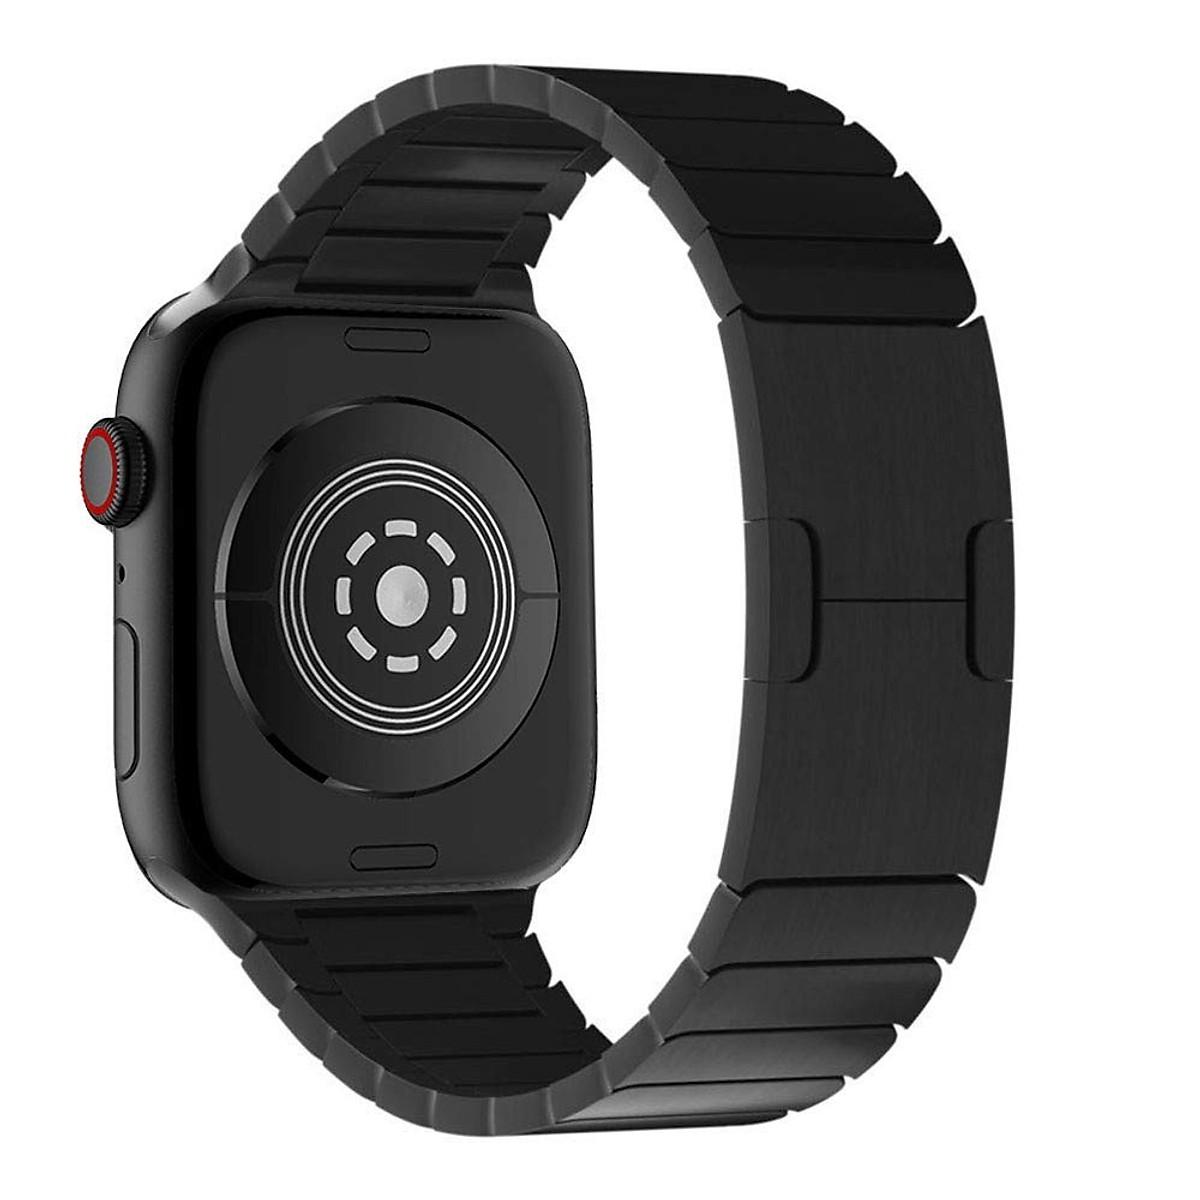 Dây thép đúc cho đồng hồ Apple Watch Series 4/5 Link Bracelet Size 42/44